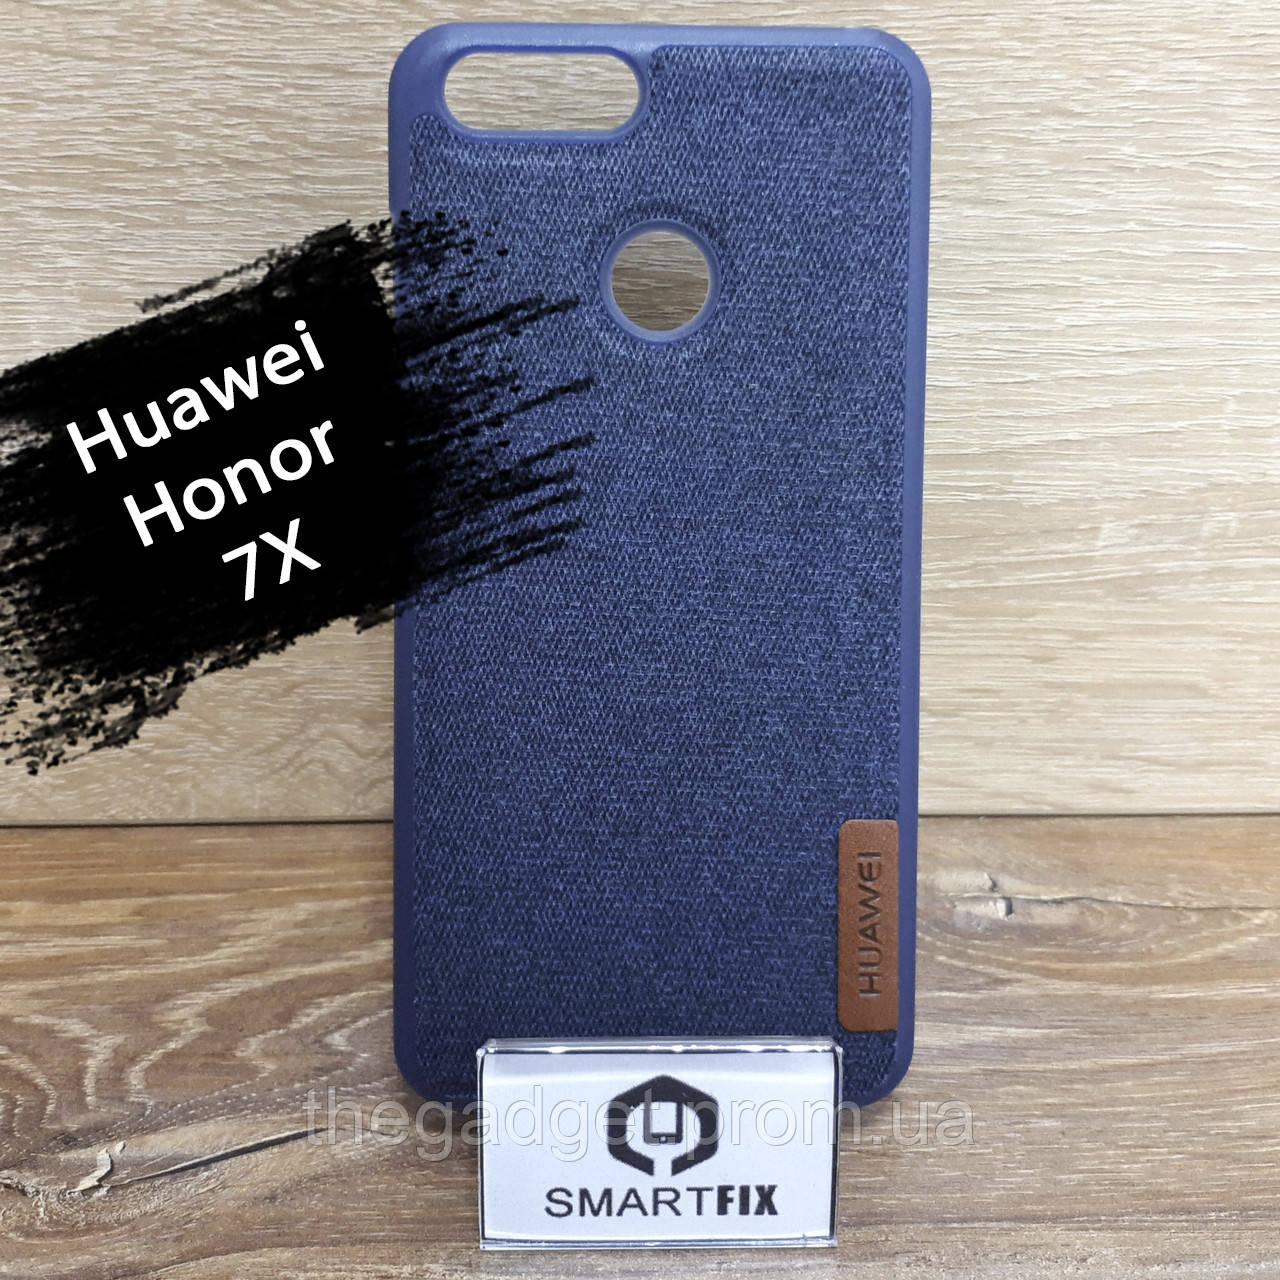 Фактурный силиконовый чехол для Huawei Honor 7x (BND-L21)